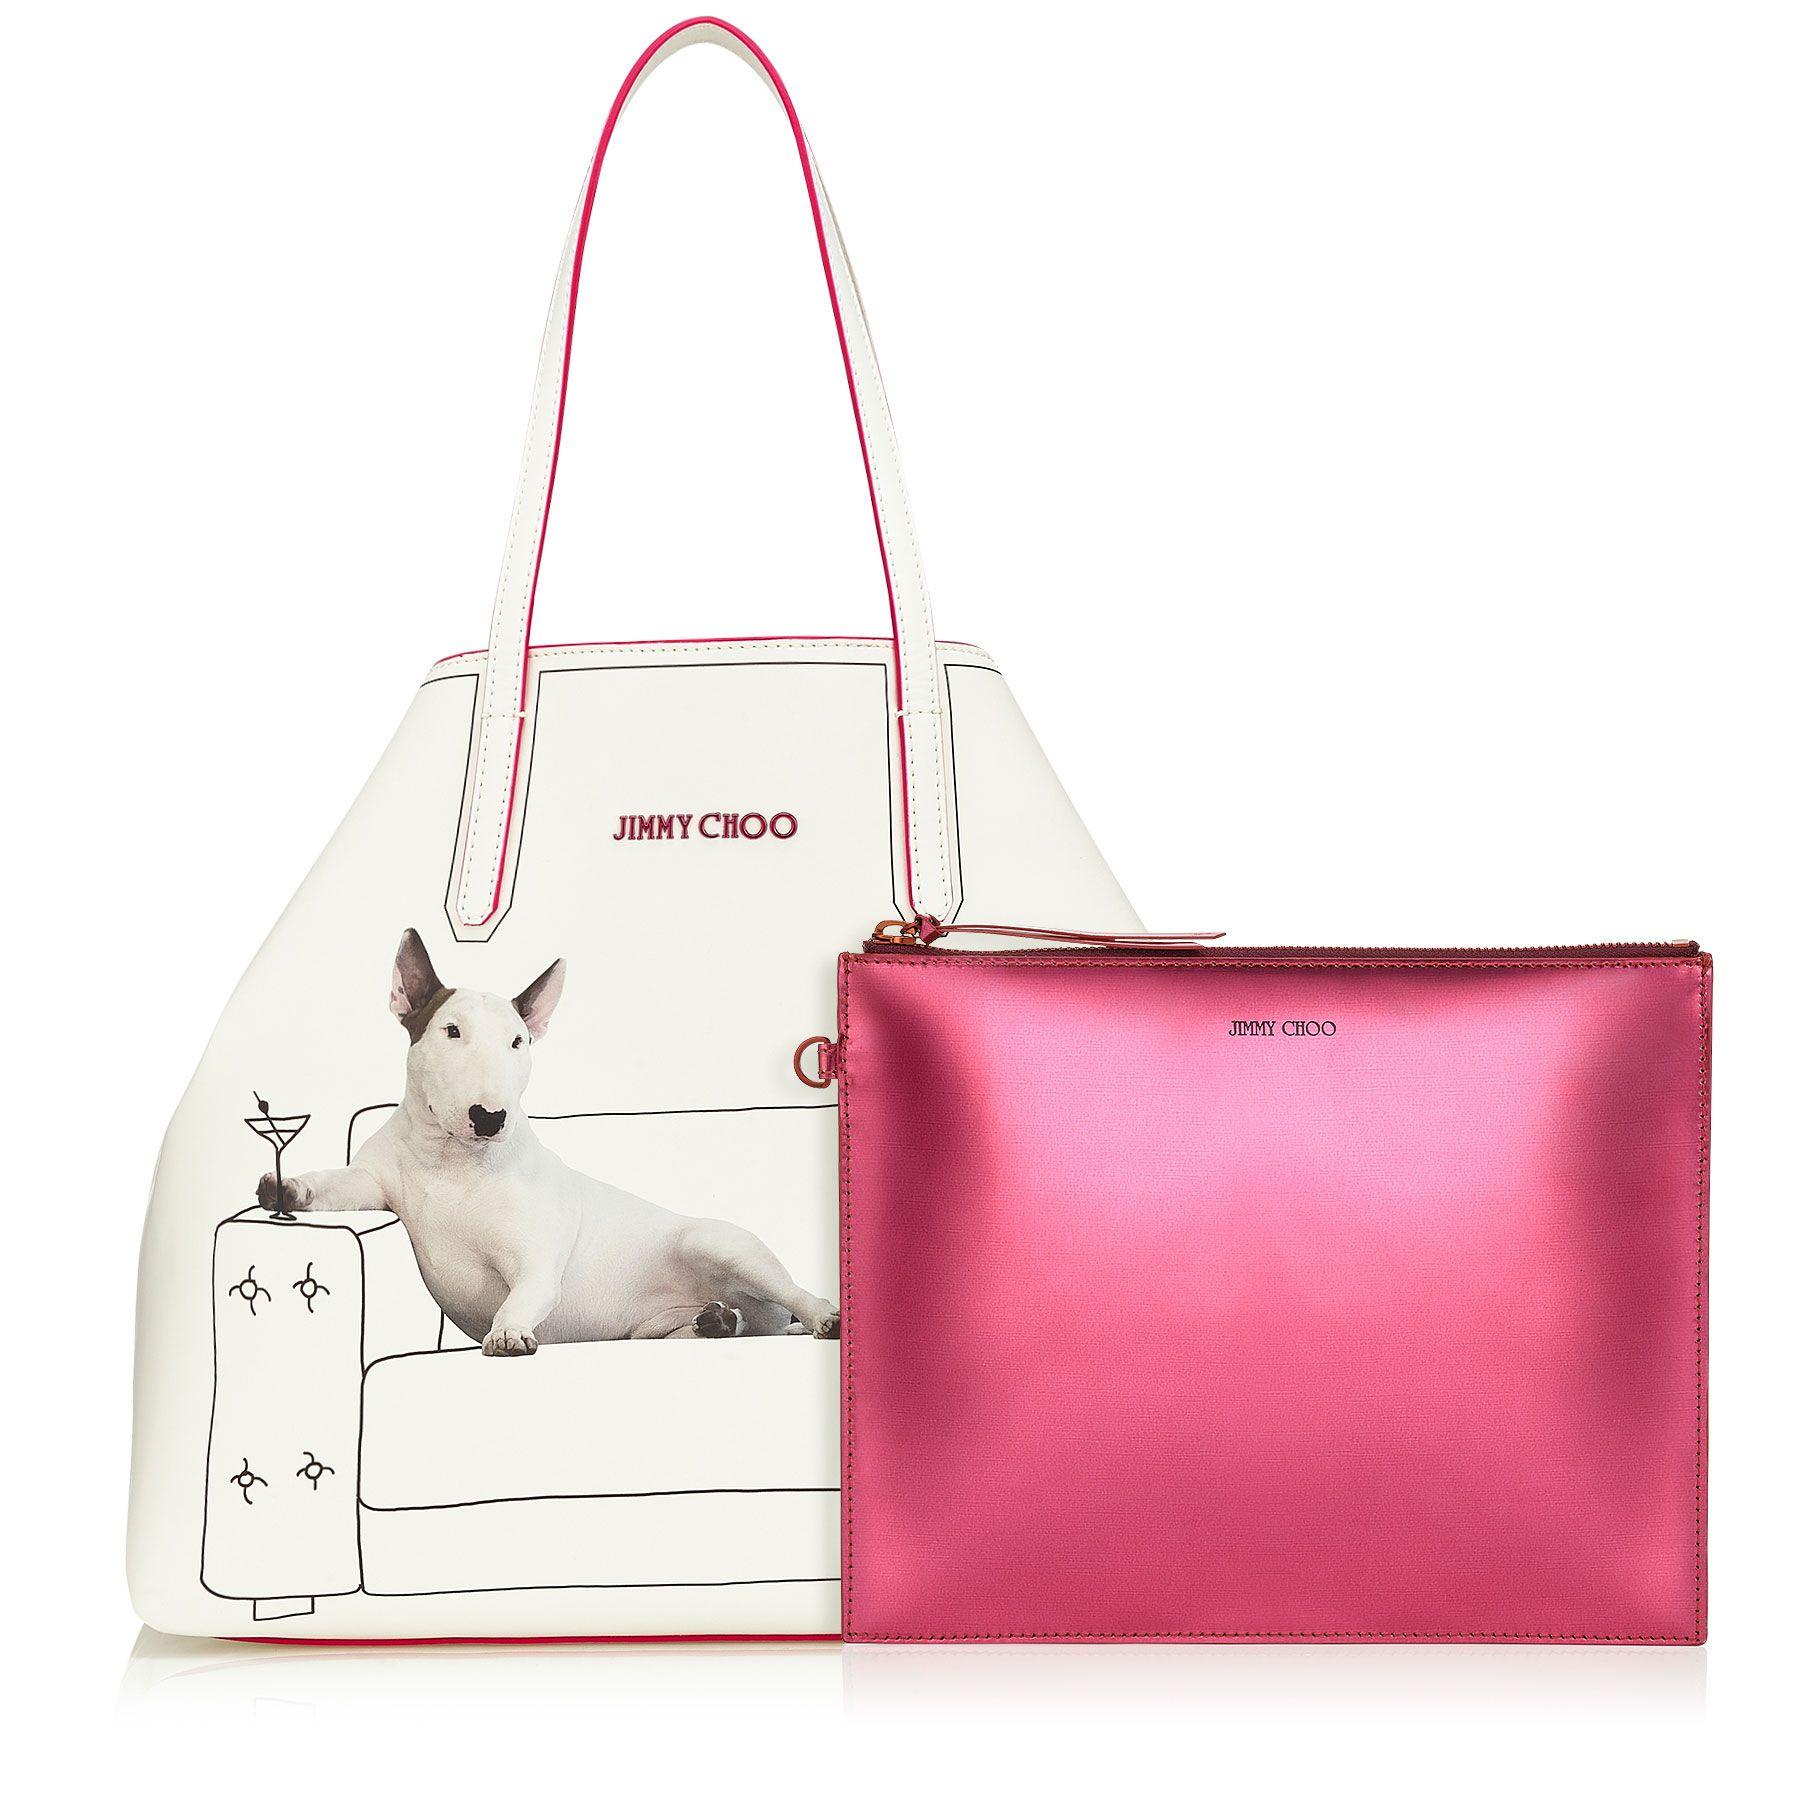 Luxusni kabelka Jimmy Choo Choo Hound